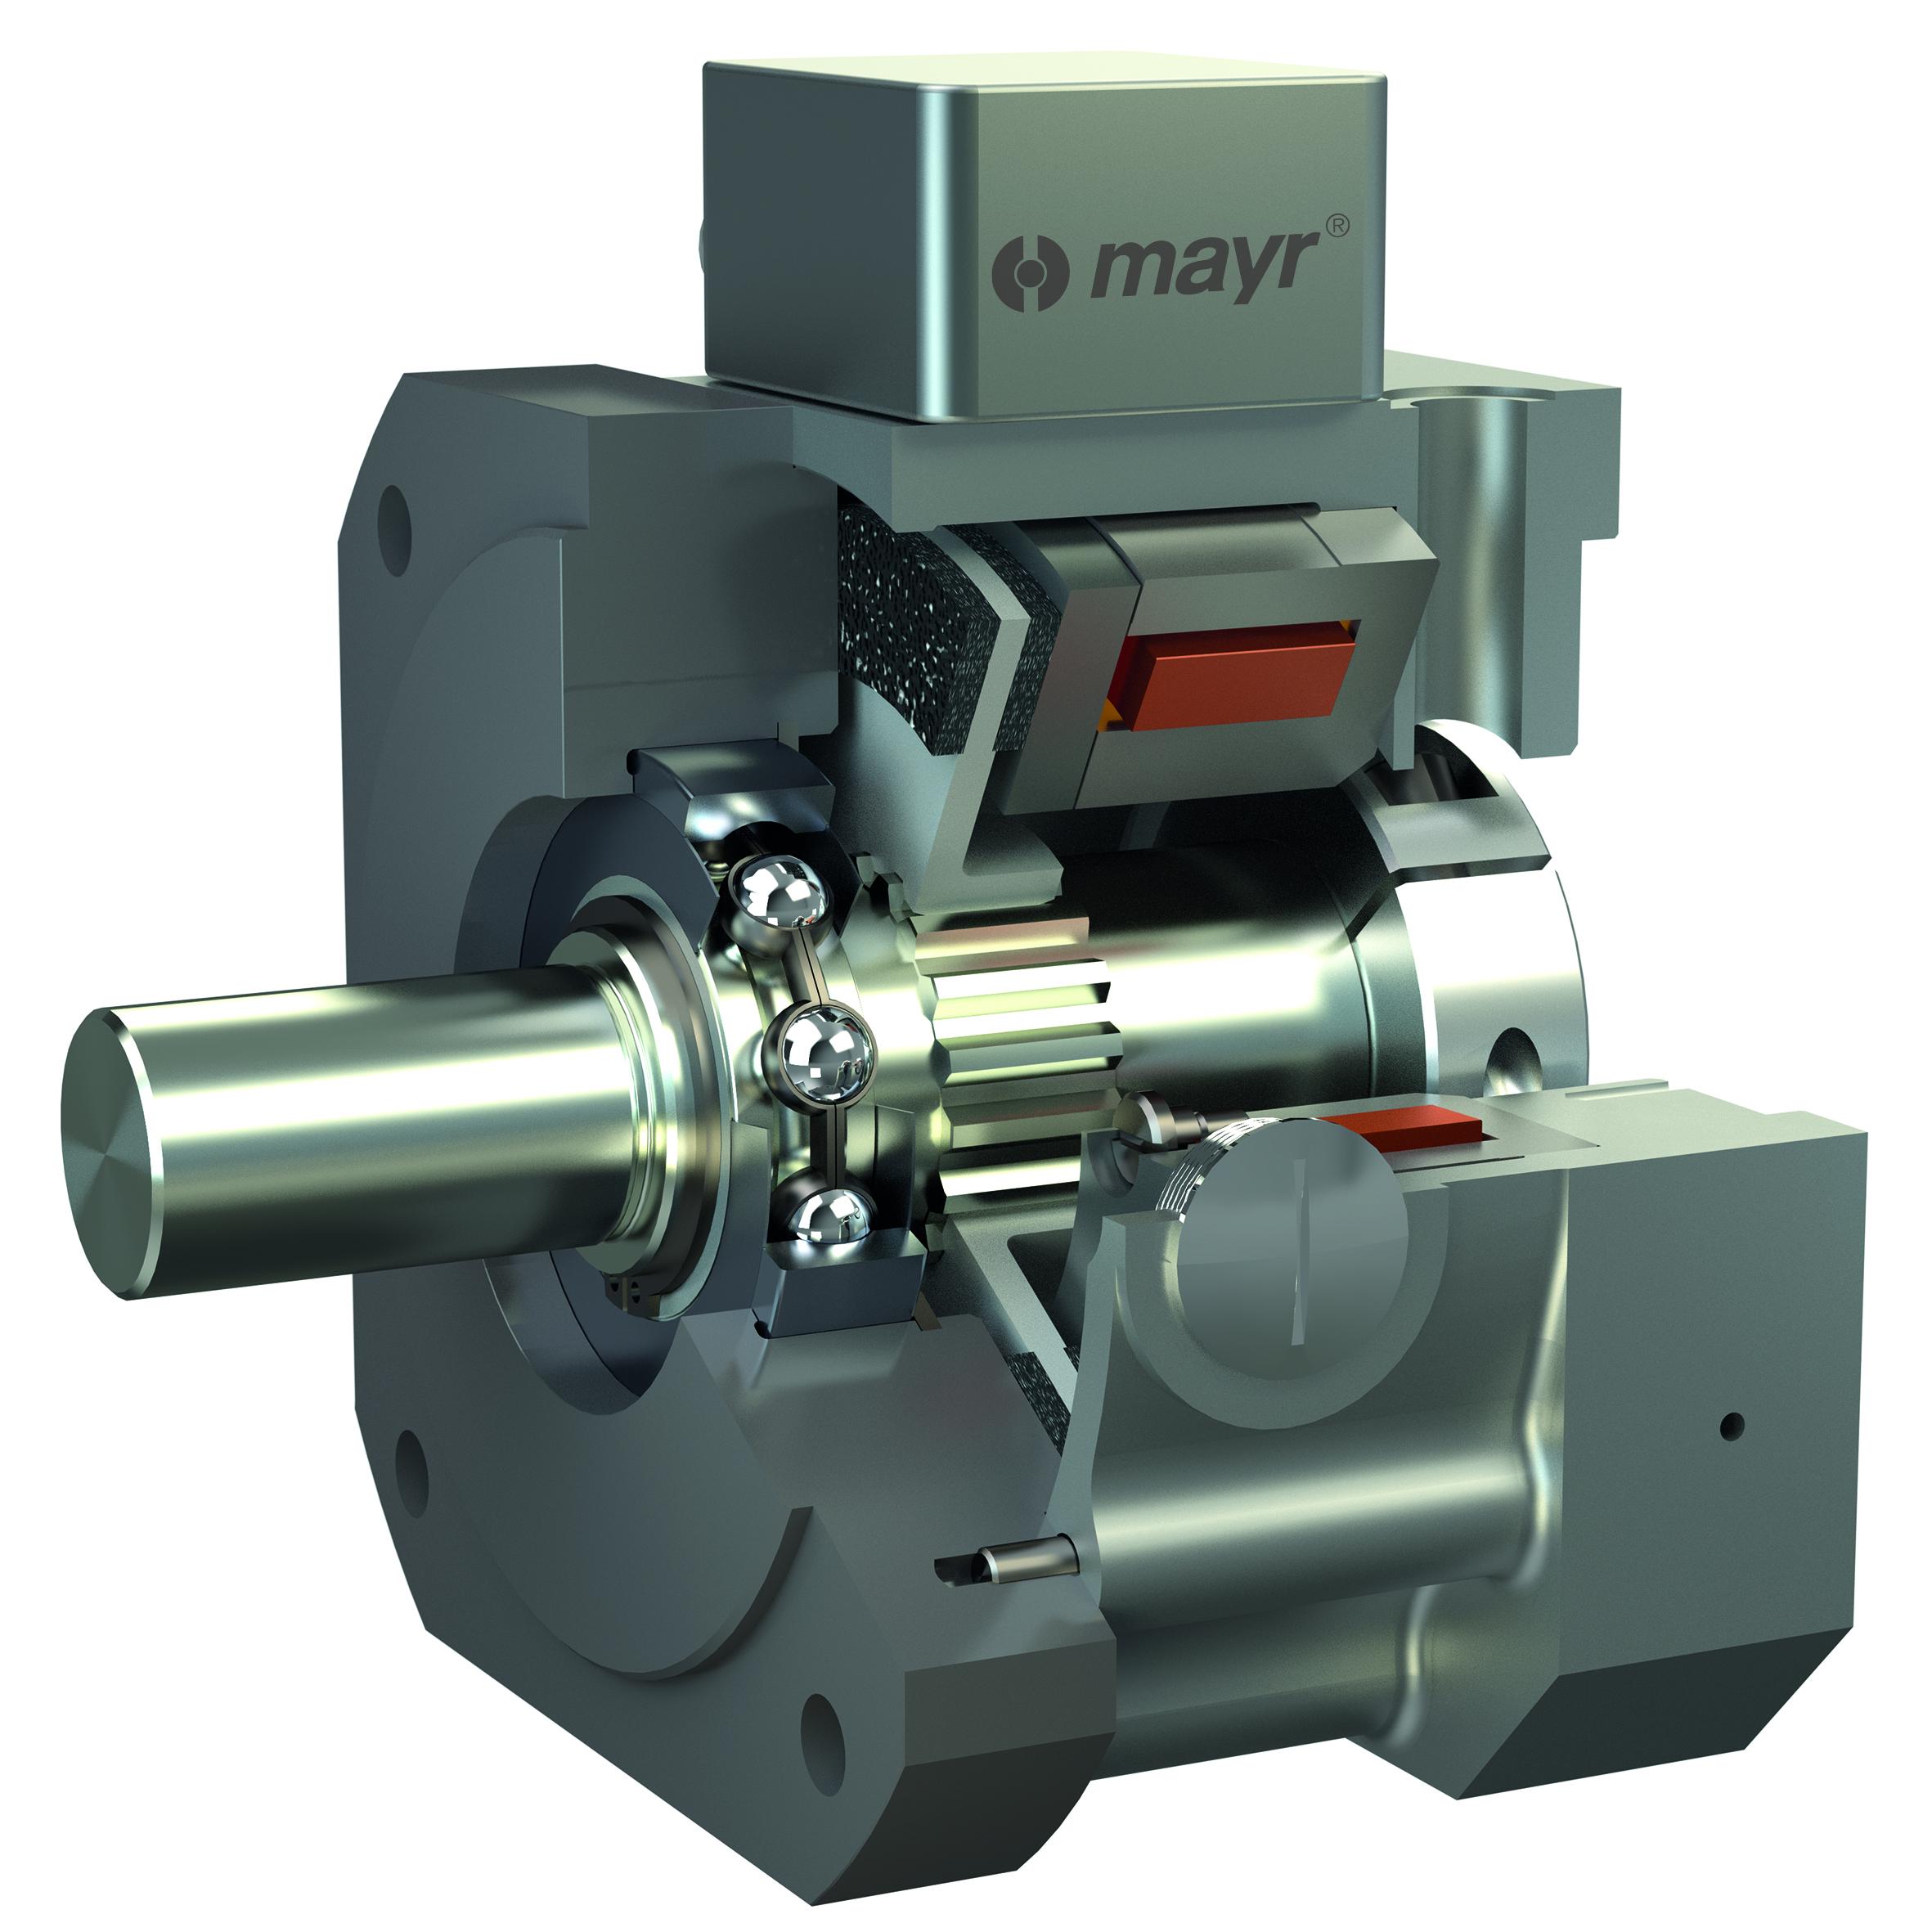 Los nuevos módulos de mayr® como el ROBA®-brake-checker garantizan supervisión y control de frenos inteligente